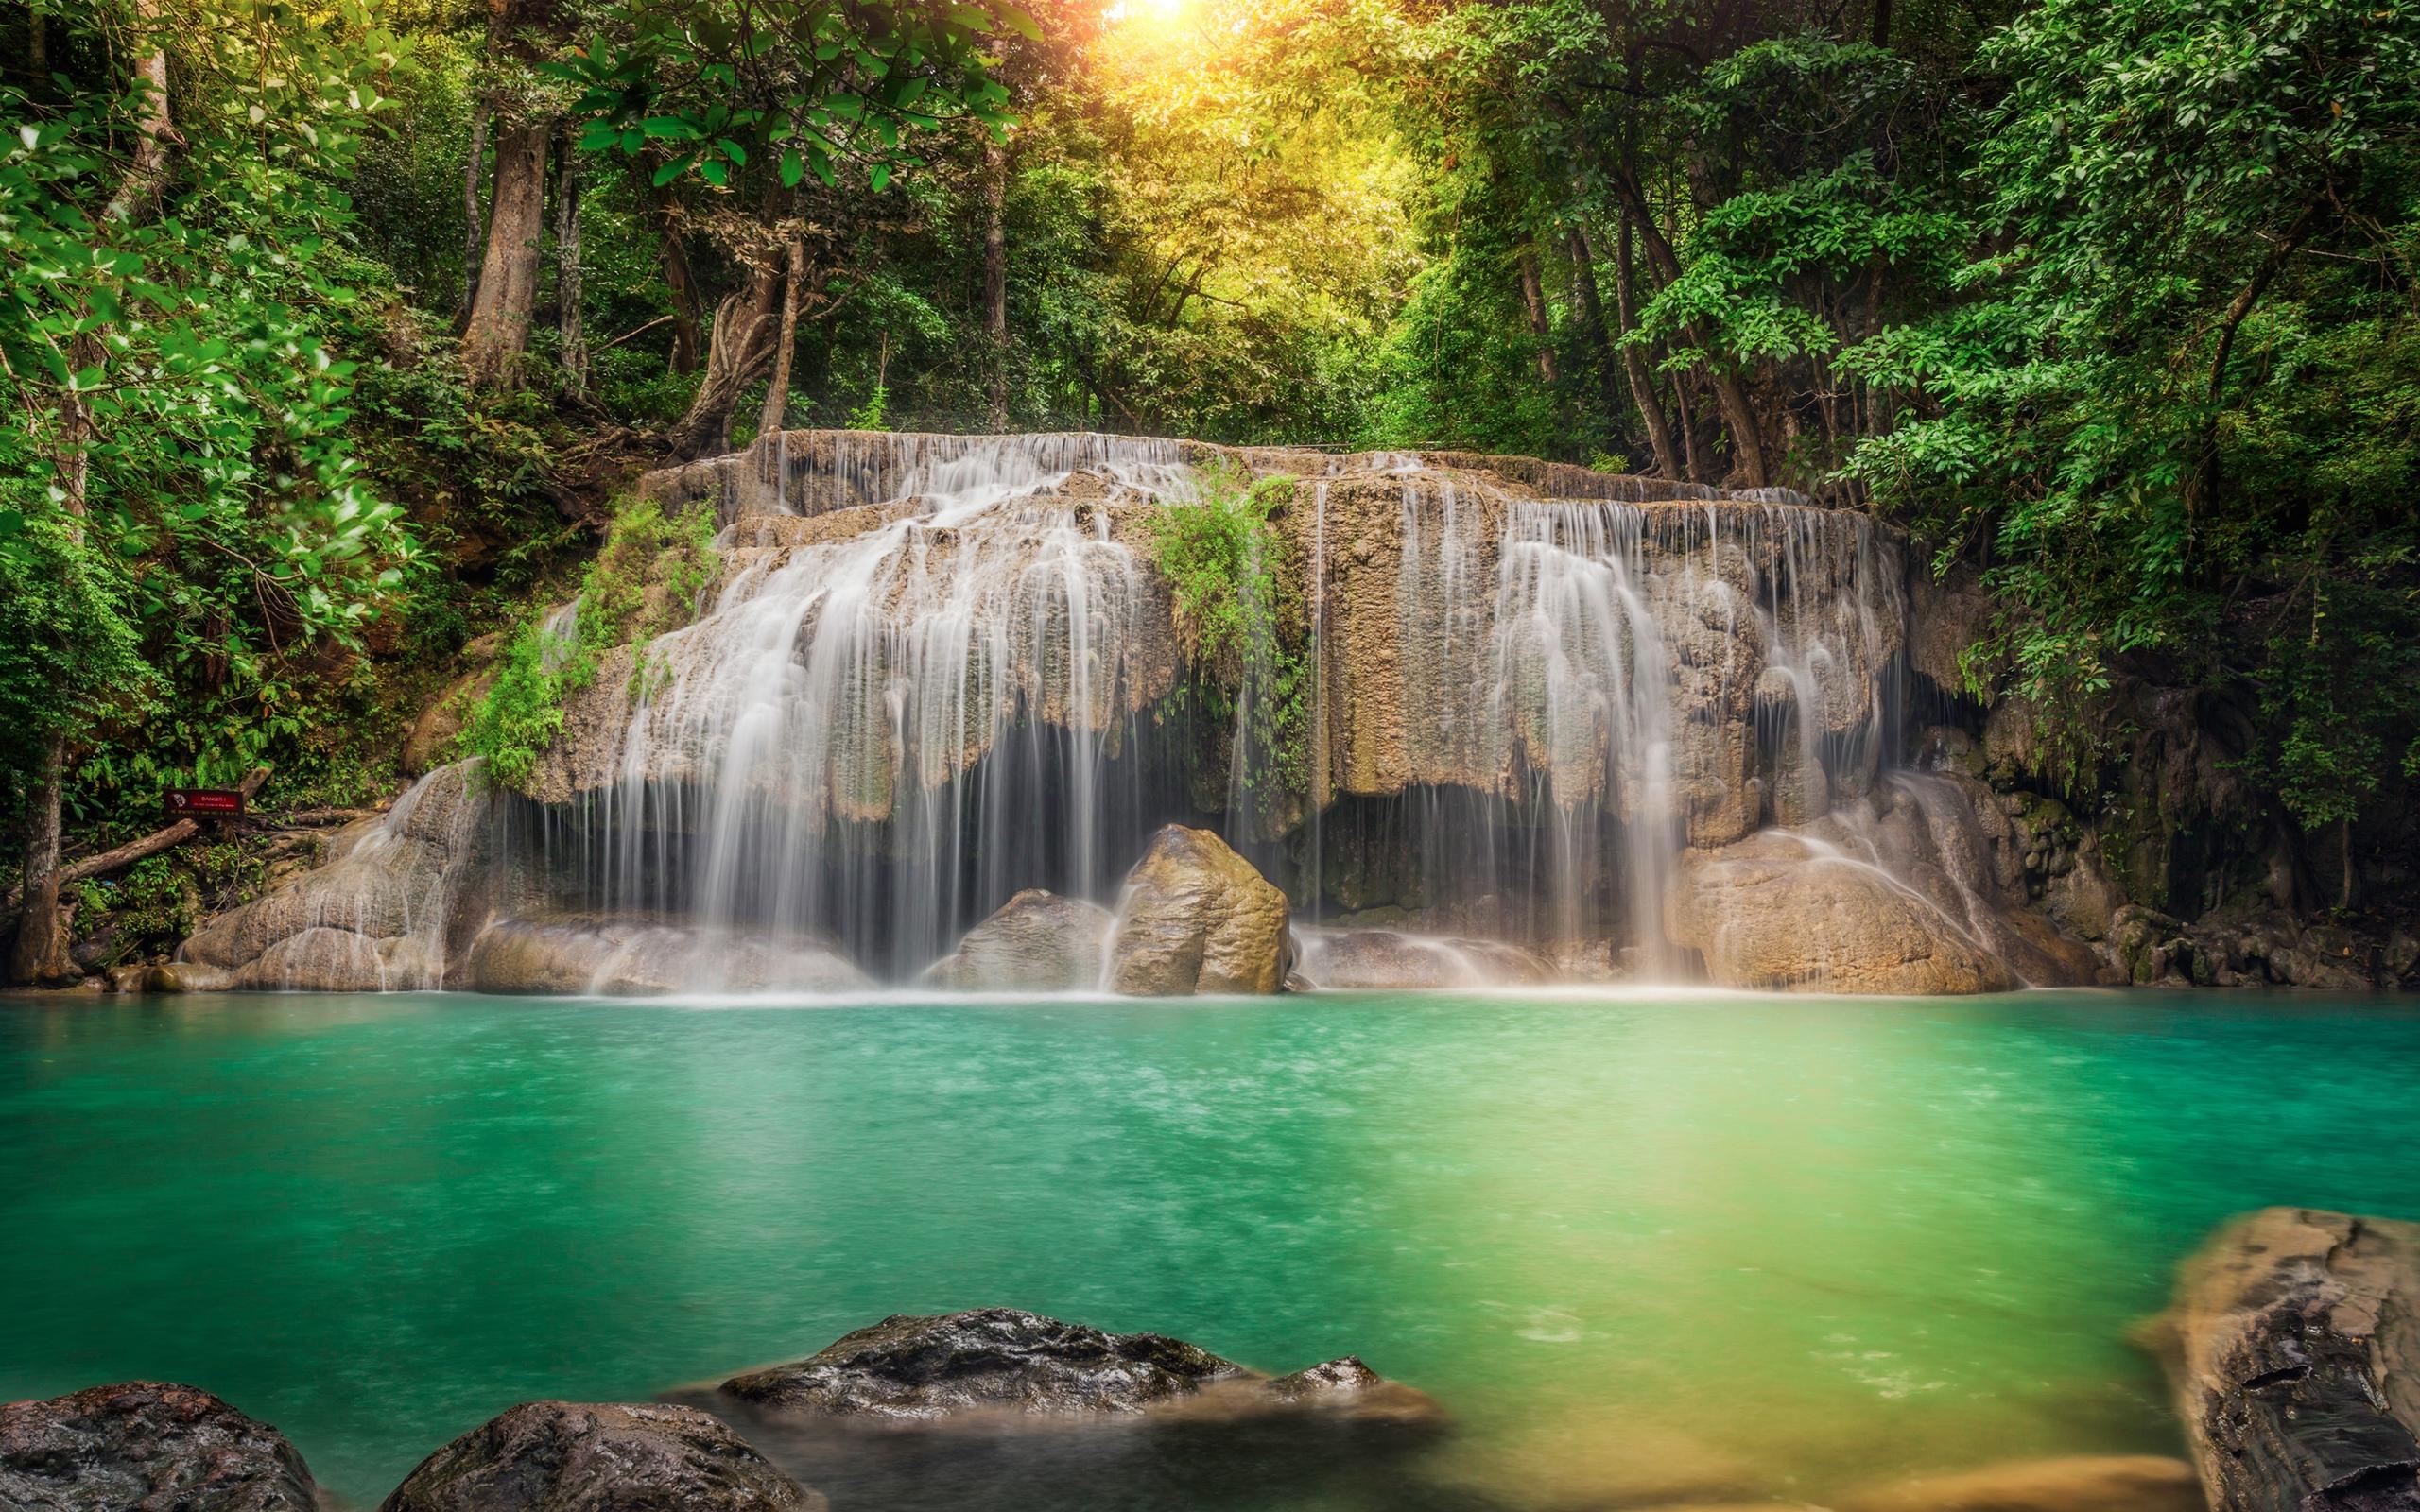 Fall Computer Screen Wallpaper Thailand Stream Cascade Rocks Jungles Waterfalls Forest